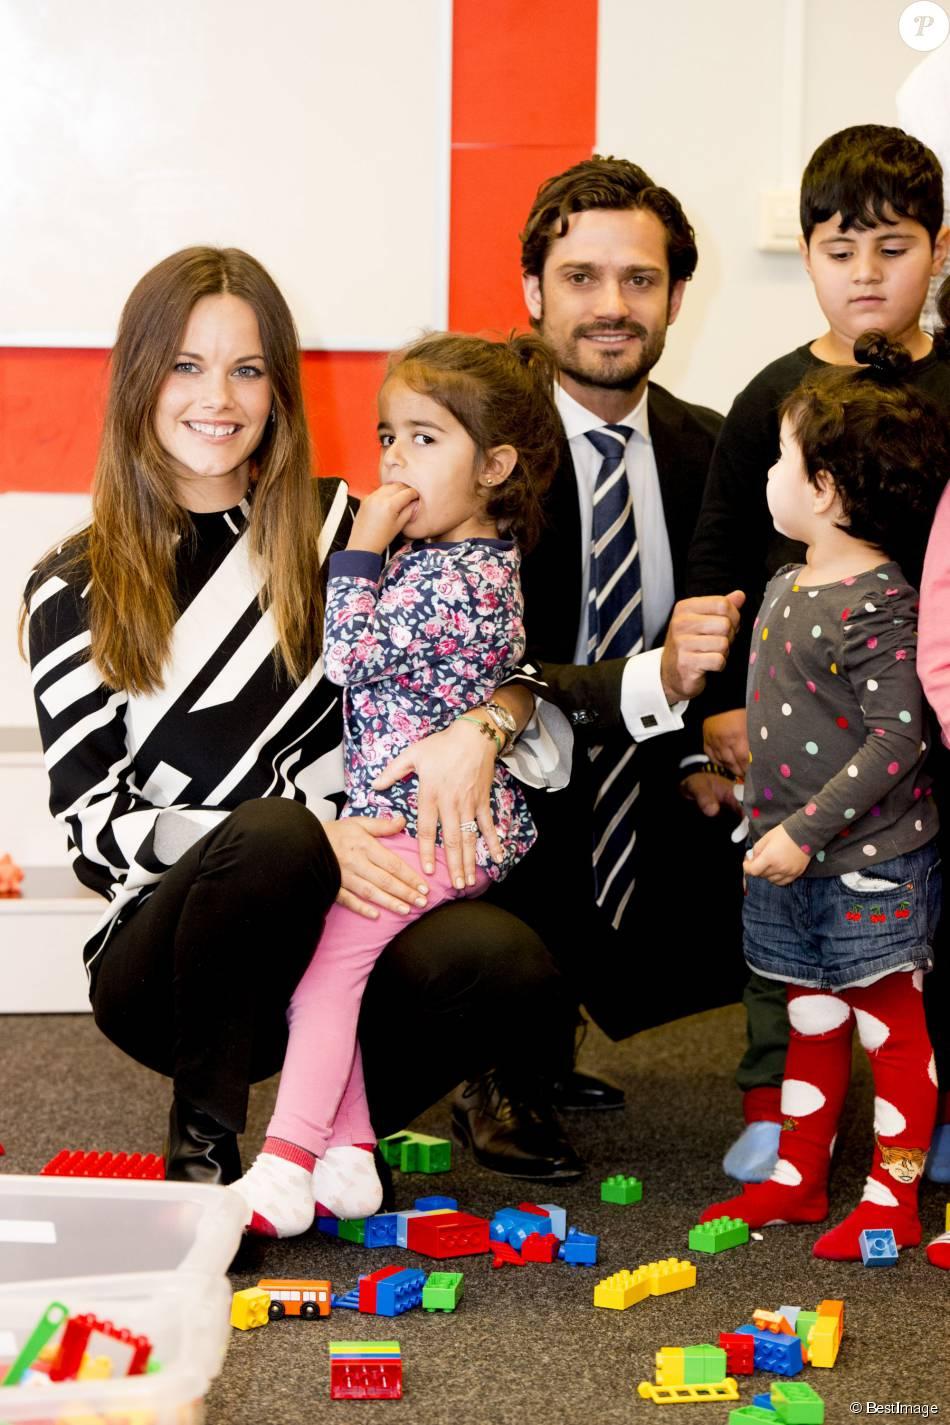 Le prince Carl Philip et la princesse Sofia de Suède, en visite dans la province de Dalarna dont est originaire la princesse, se sont notamment attardés le 5 octobre 2015 auprès d'enfants de réfugiés au foyer Welcome Sopranen de Borlänge.